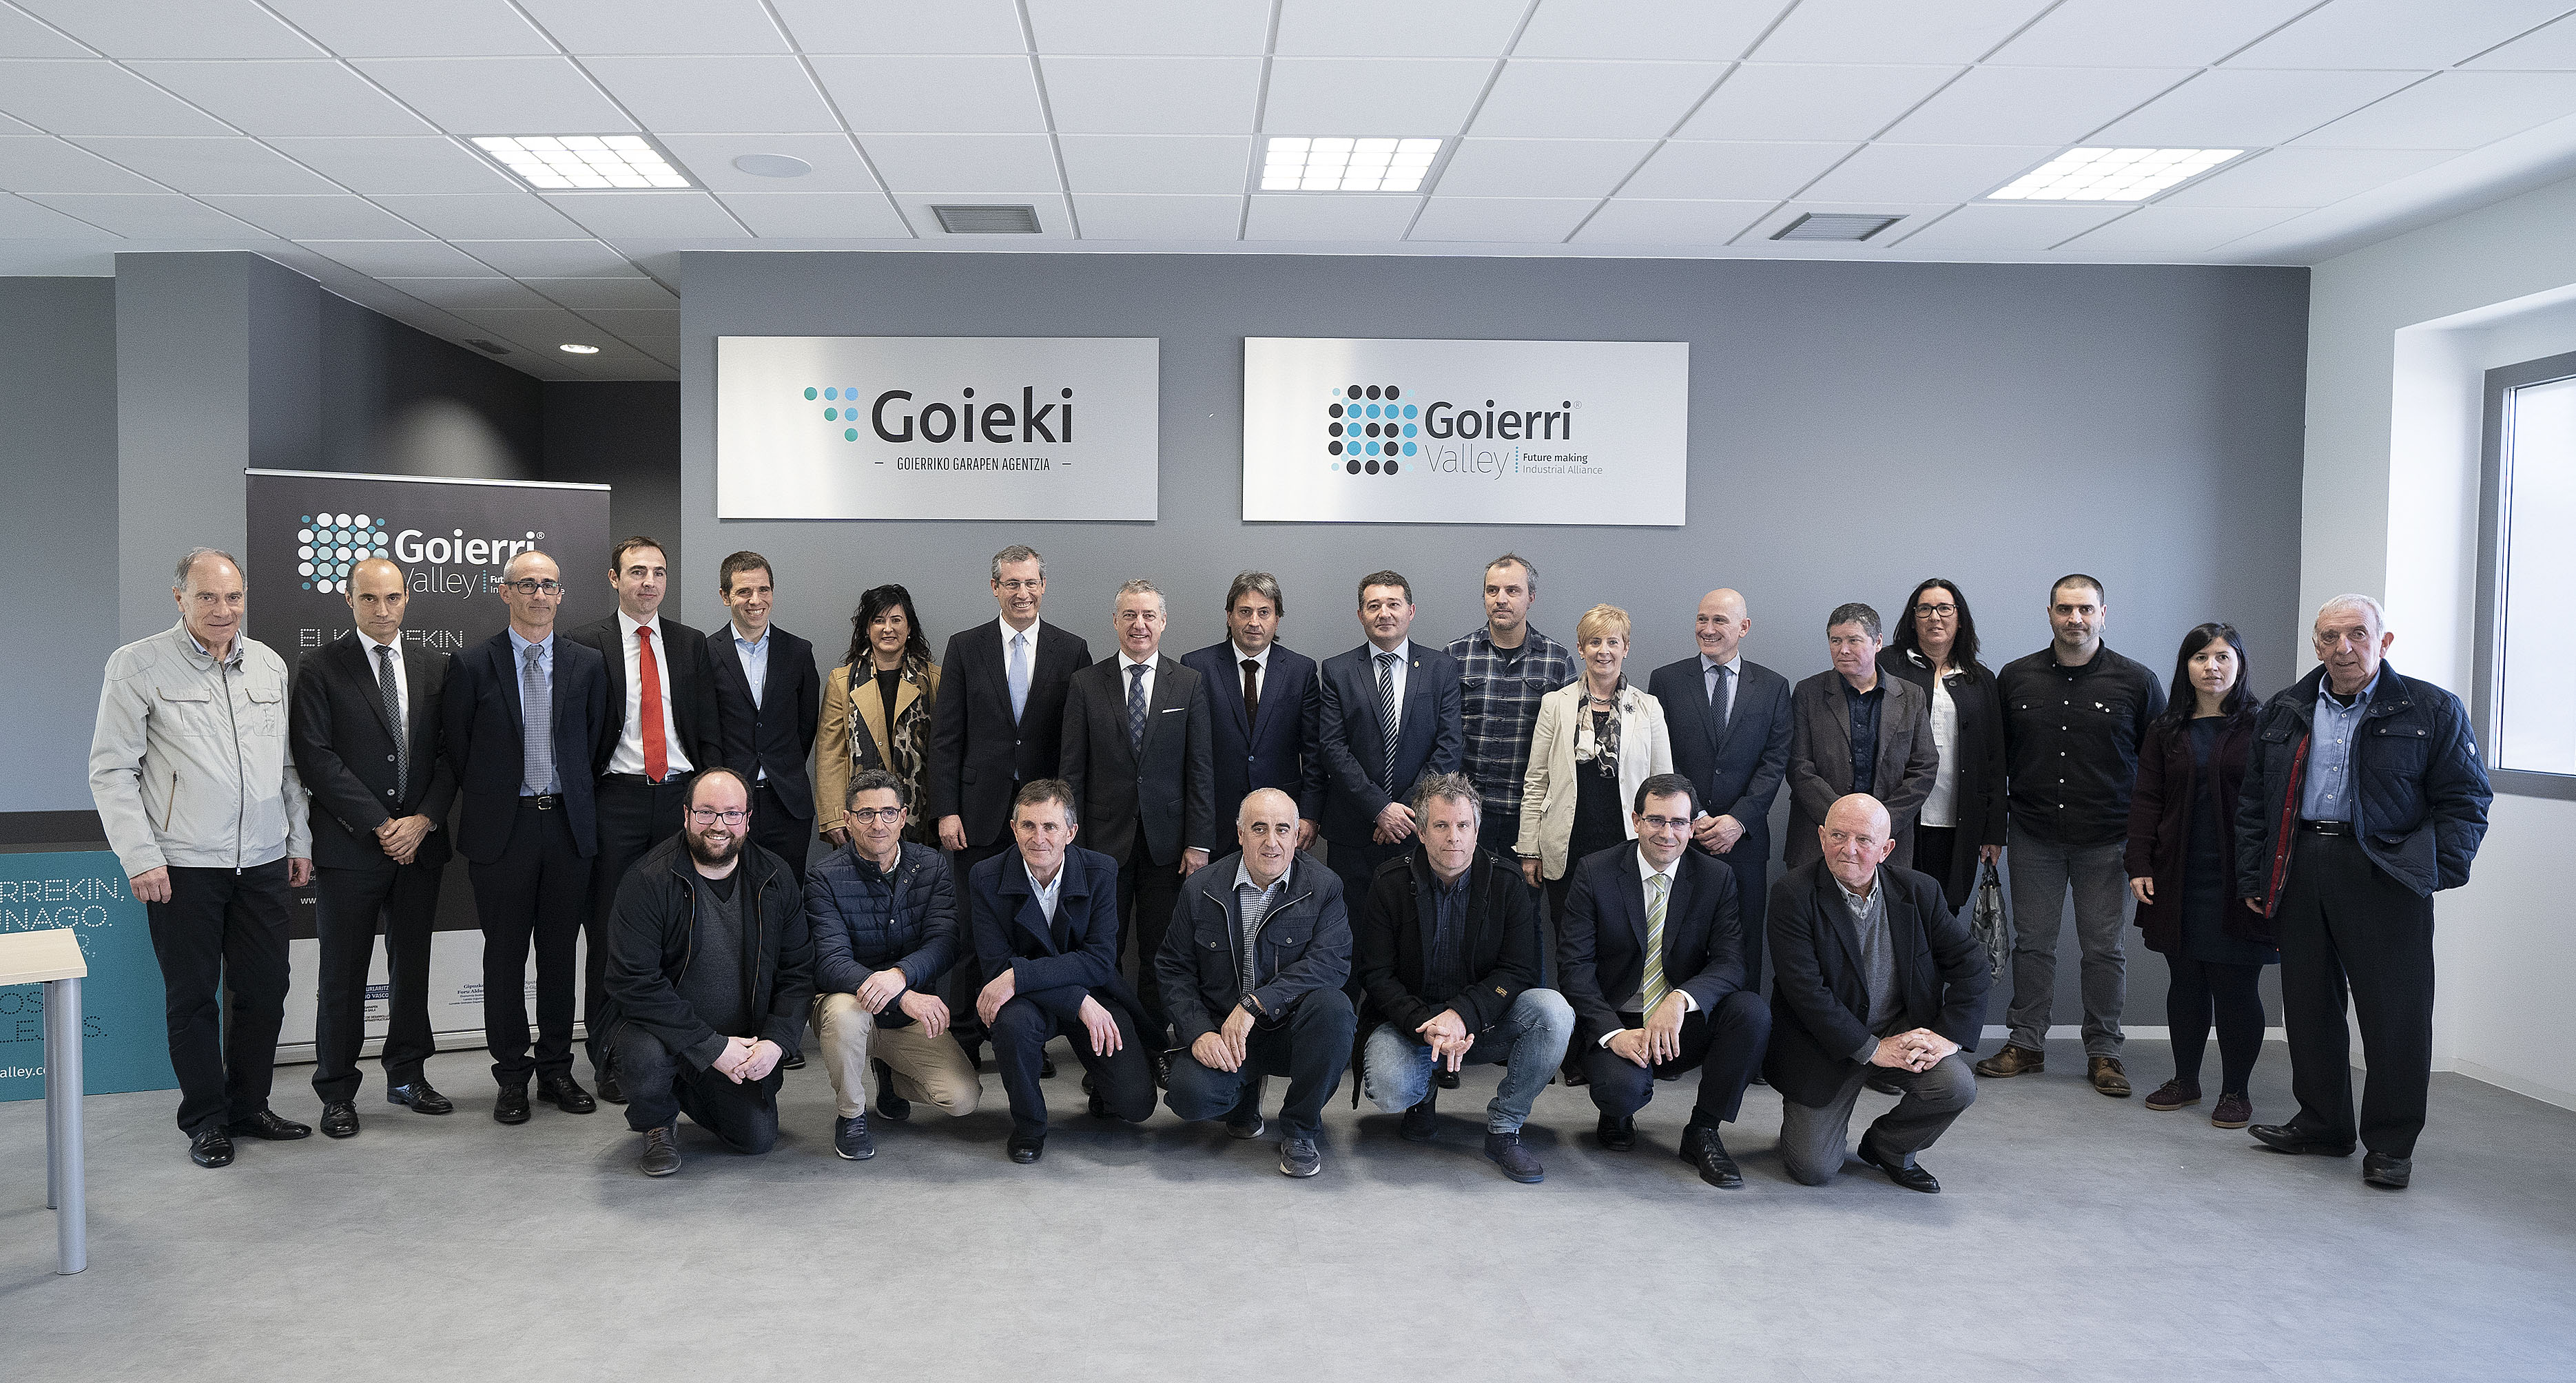 """El Lehendakari ha destacado la """"Cultura de Goierri"""" en el acto celebrado con motivo del 25 aniversario de la Agencia de Desarrollo de Goierri"""